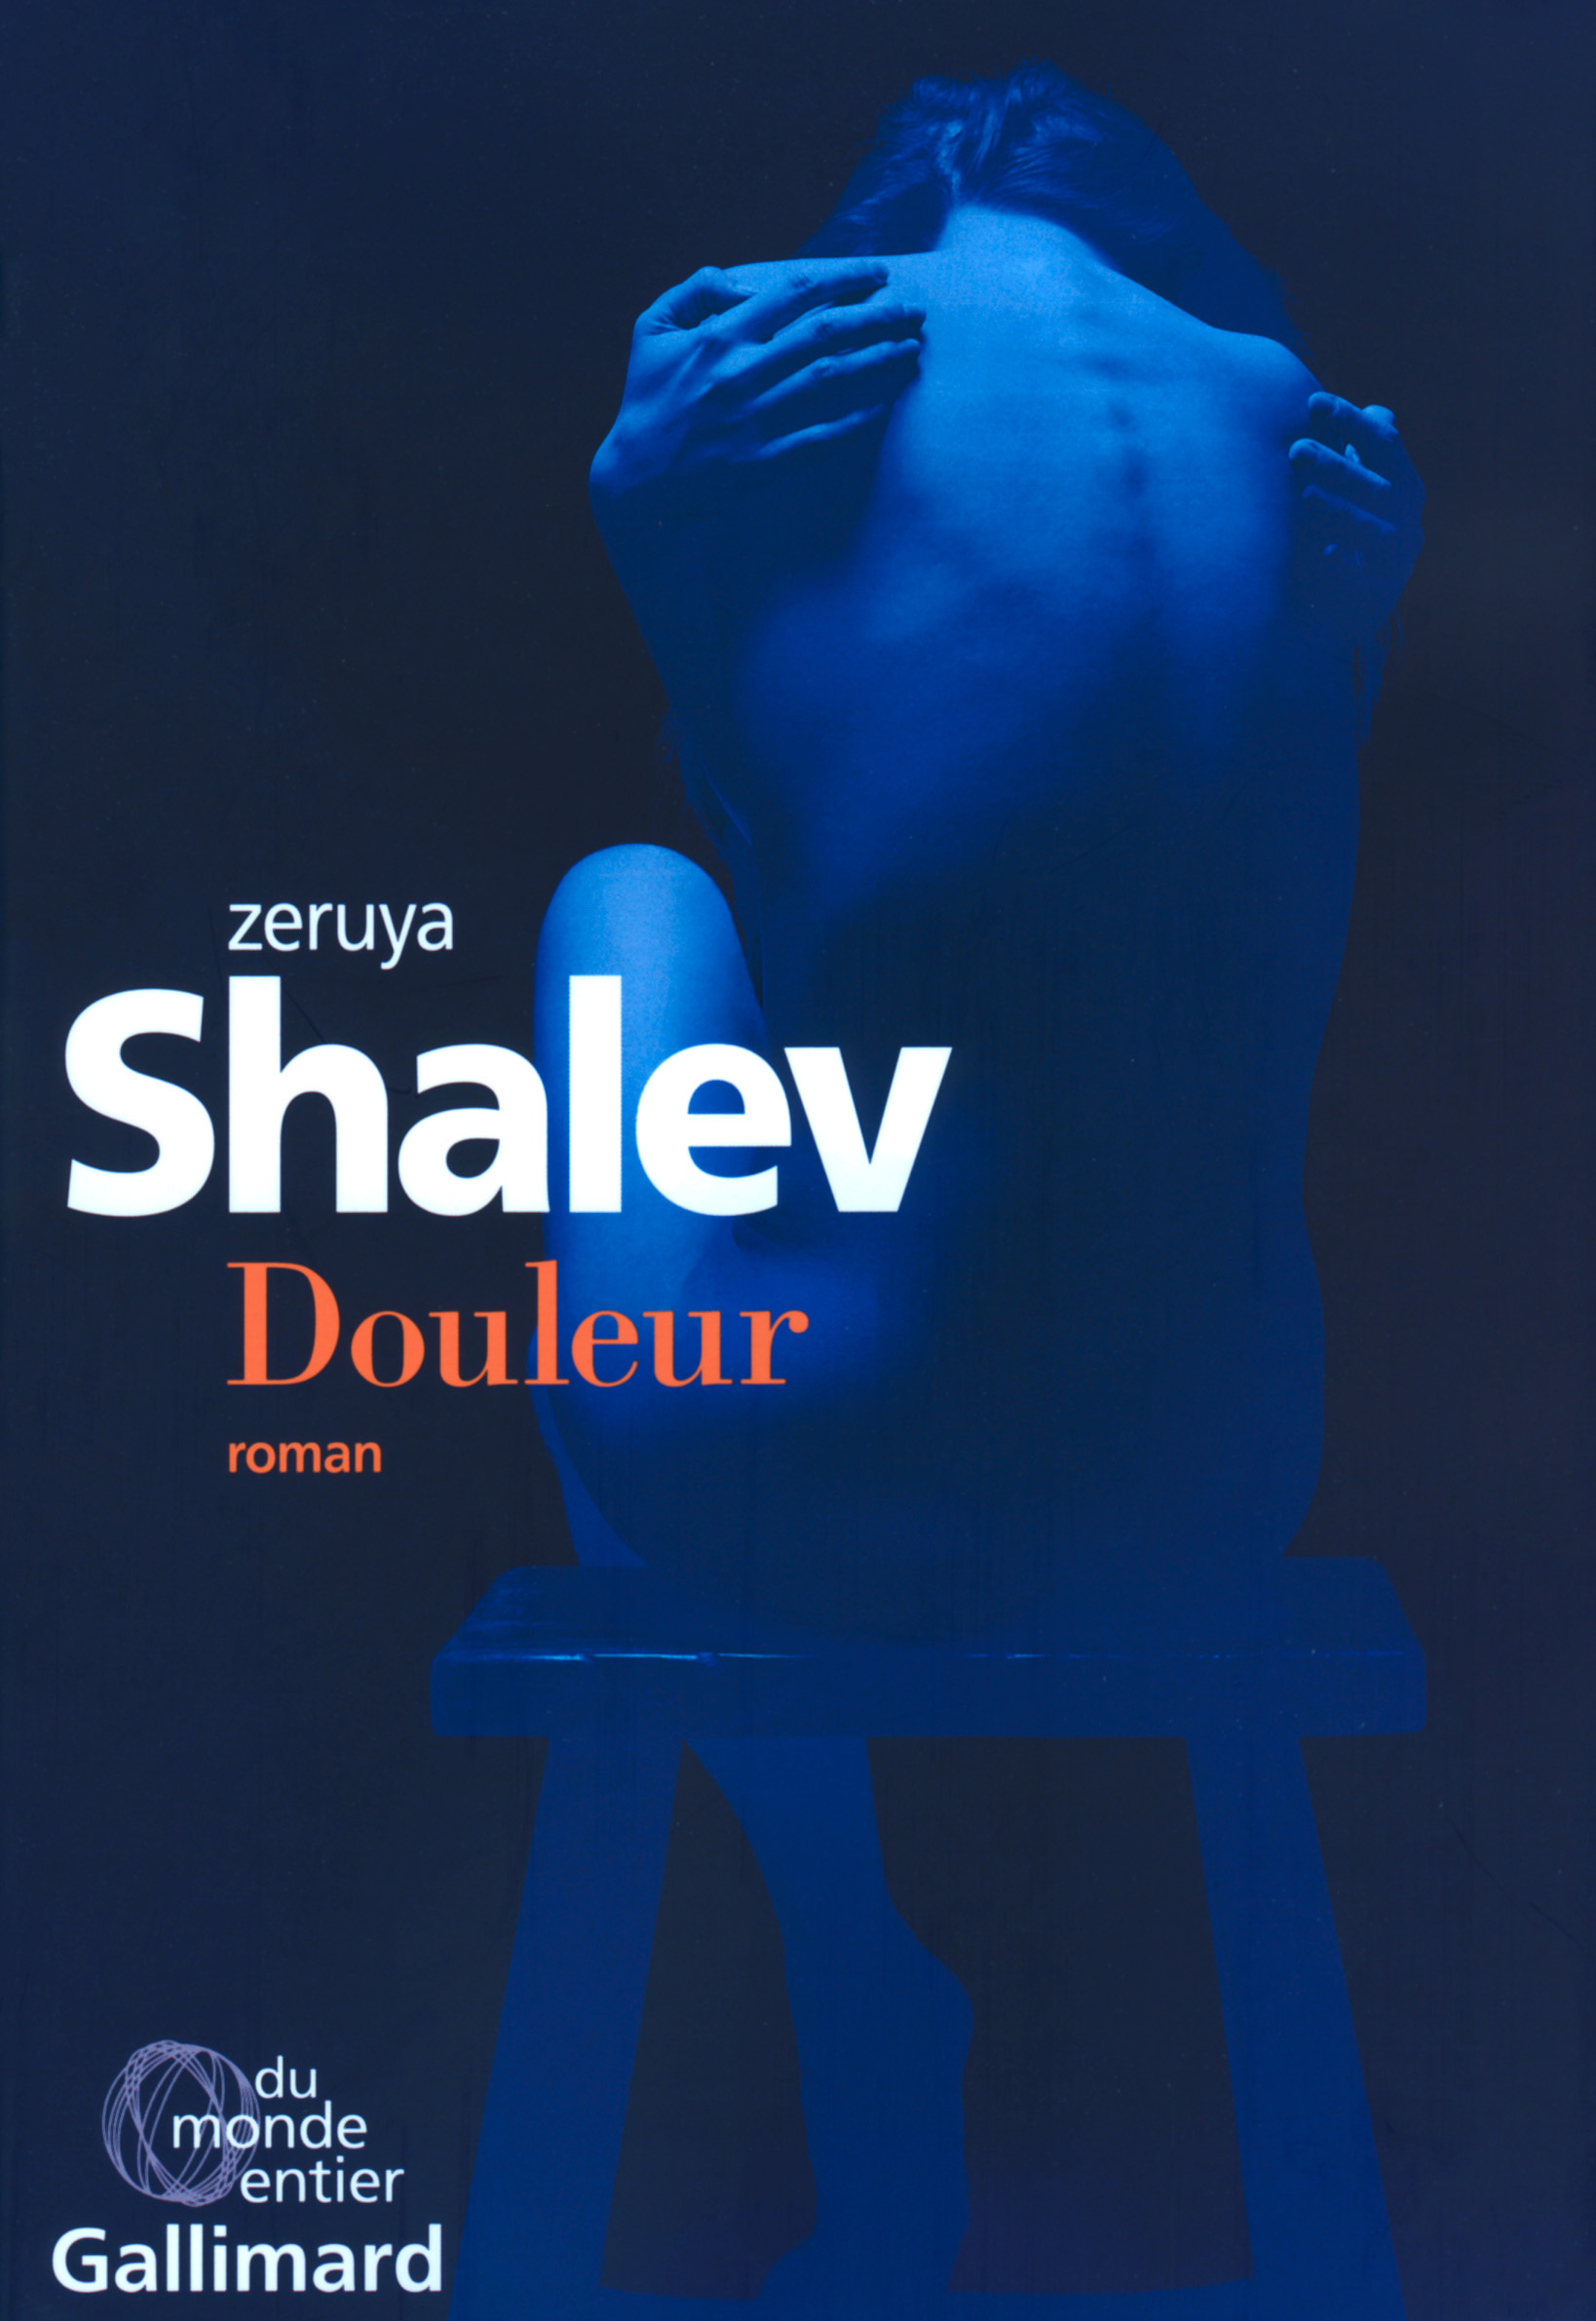 Douleur - Zeruya Shalev